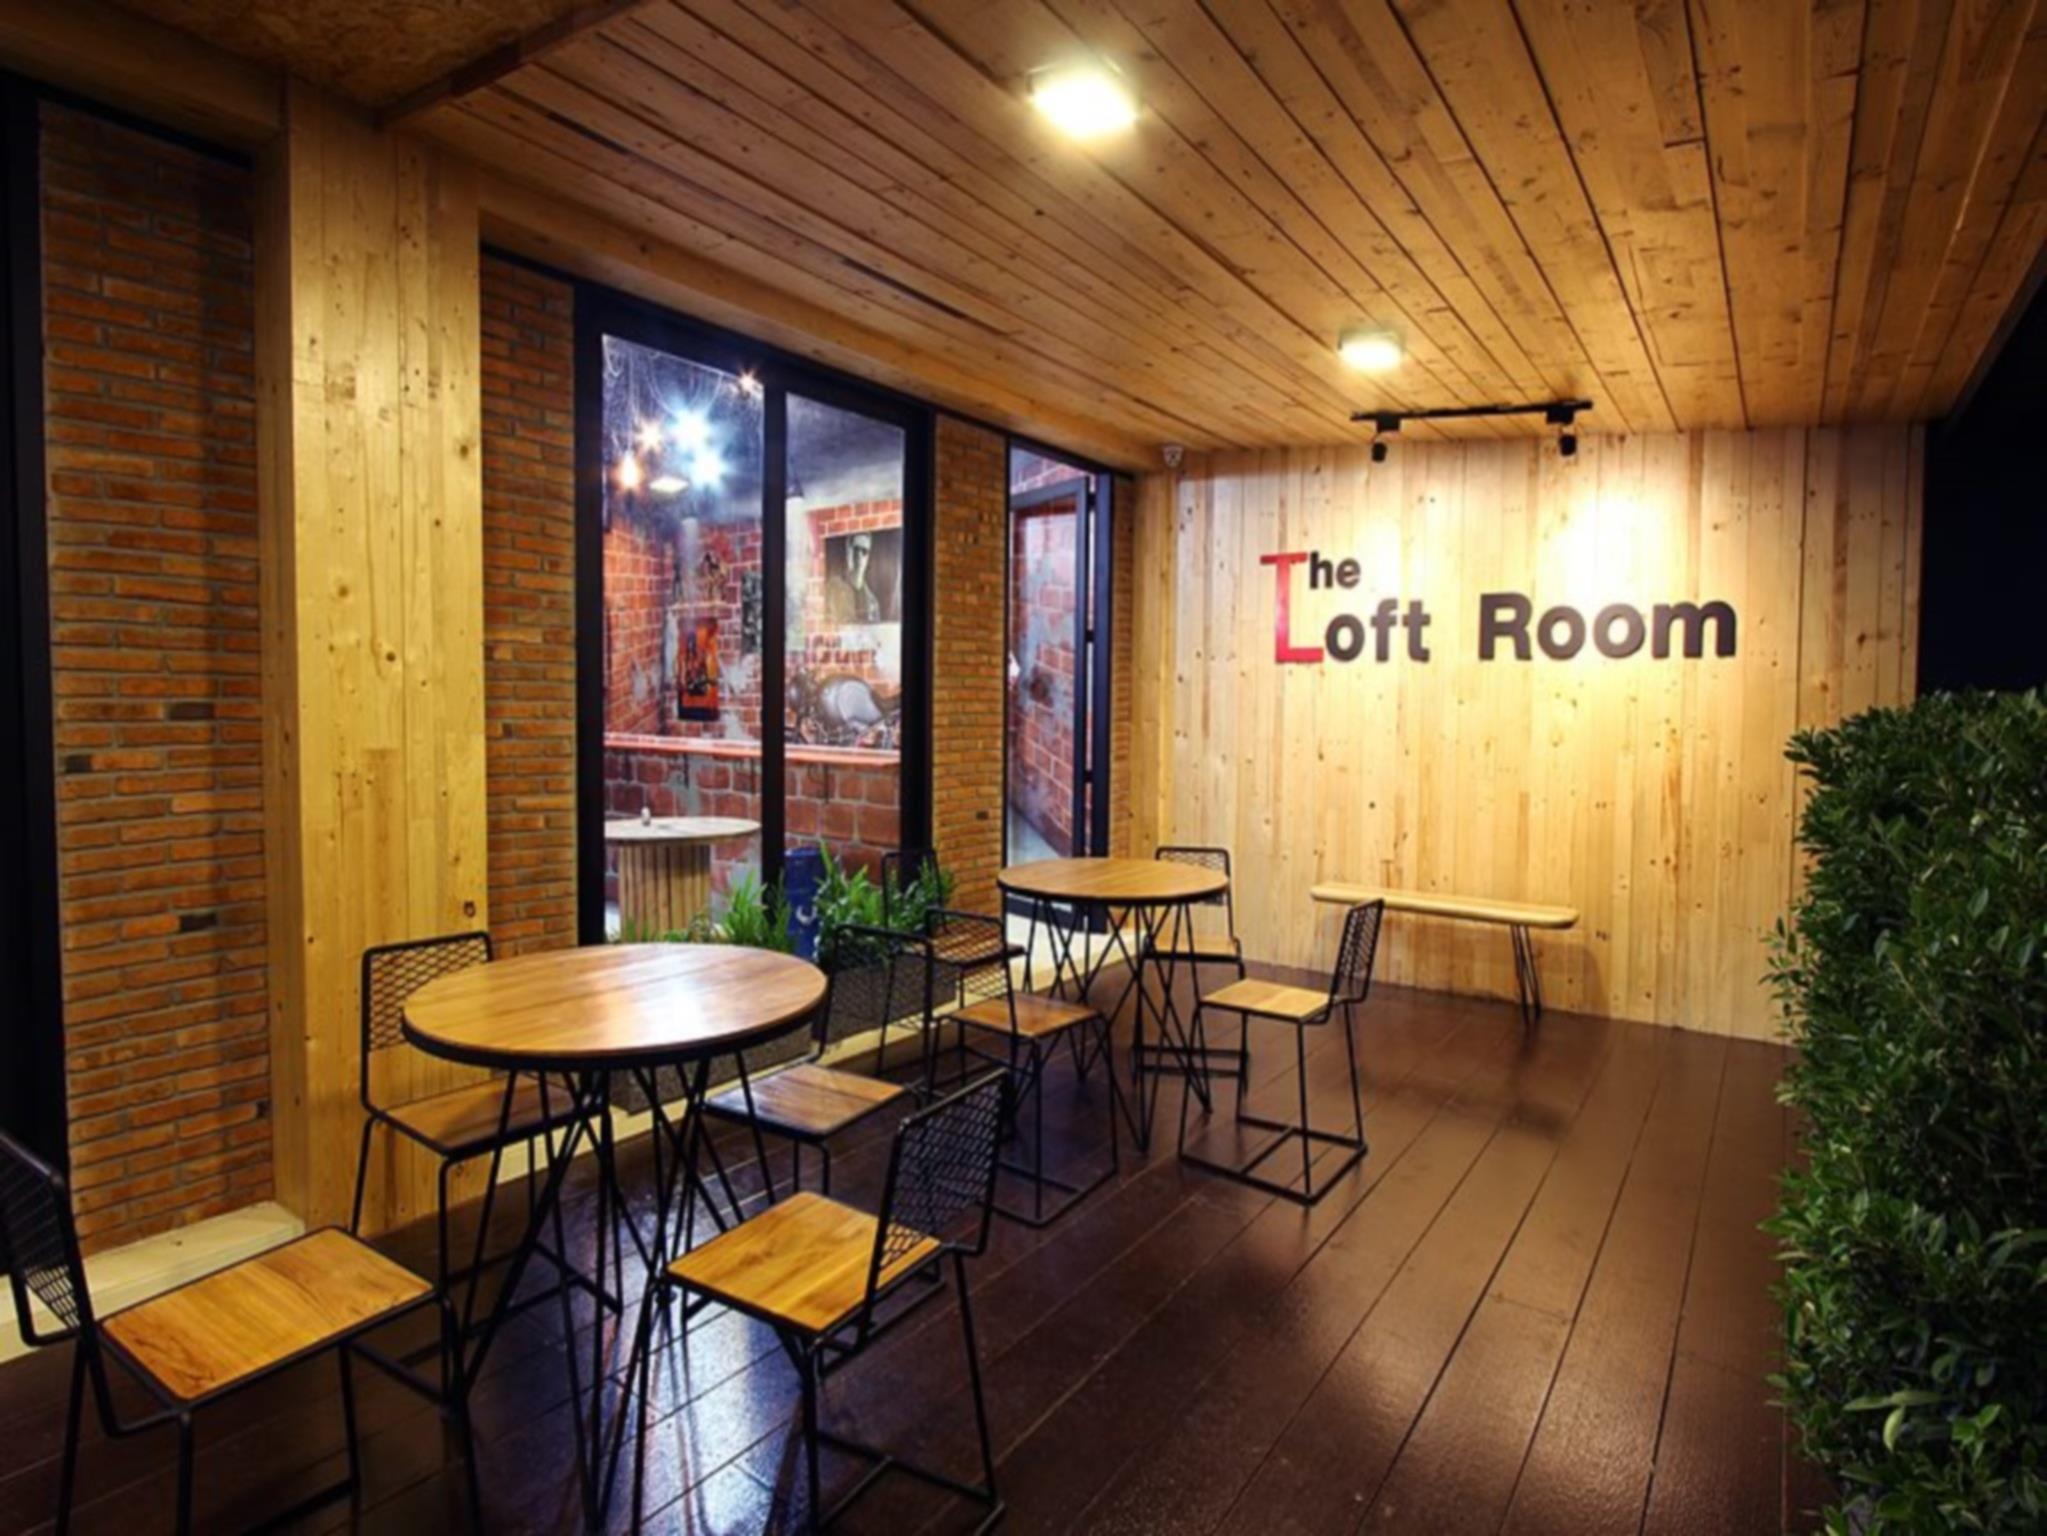 เทียบราคาก่อน เดอะ ลอฟต์รูม นิมมาน (The Loft Room Nimman) รีวิว Pantip